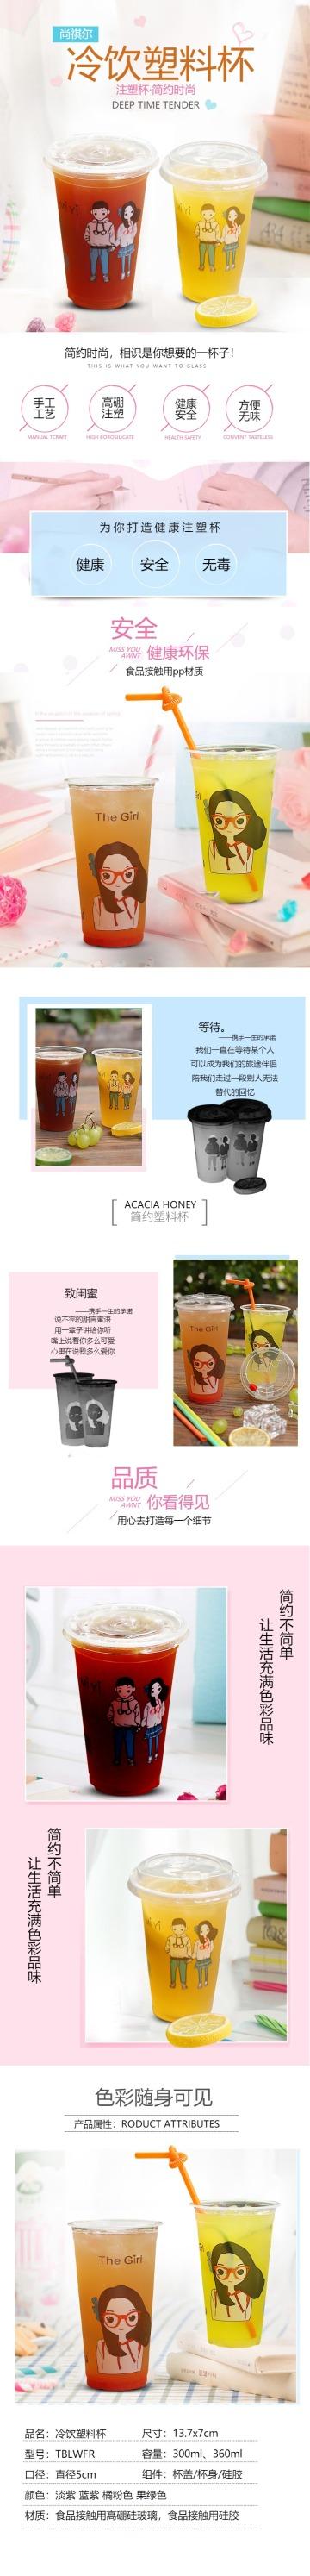 粉色简约时尚冷饮塑胶杯电商详情页